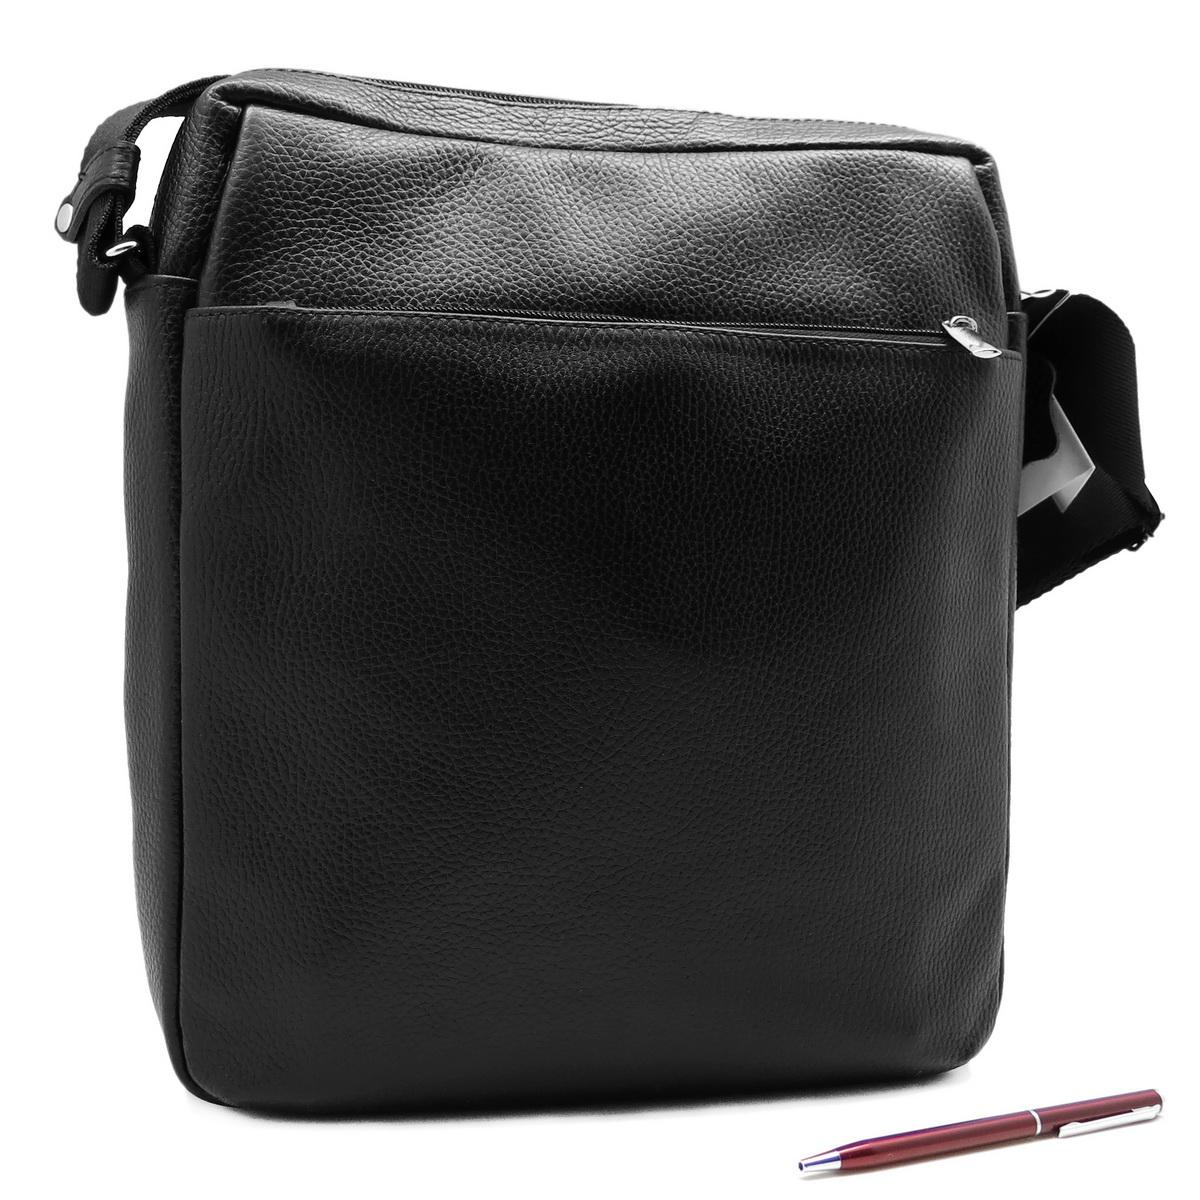 Сумка мужская Alexandr, цвет: черный. П-37б/633-47670-00504Стильная мужская сумка Alexandr изготовлена из натуральной кожи с зернистой фактурой, оформлена металлической фурнитурой.Изделие содержит одно отделение, которое закрывается на застежку-молнию. Внутри сумки расположен врезной карман на молнии. На лицевой стороне расположен накладной карман на молнии. Задняя стенка сумки дополнена врезным карманом на молнии. Изделие оснащено наплечным ремнем, длина которого регулируется при помощи пряжки.Практичный аксессуар вместит в себя все необходимое и позволит сохранить ваши документы.